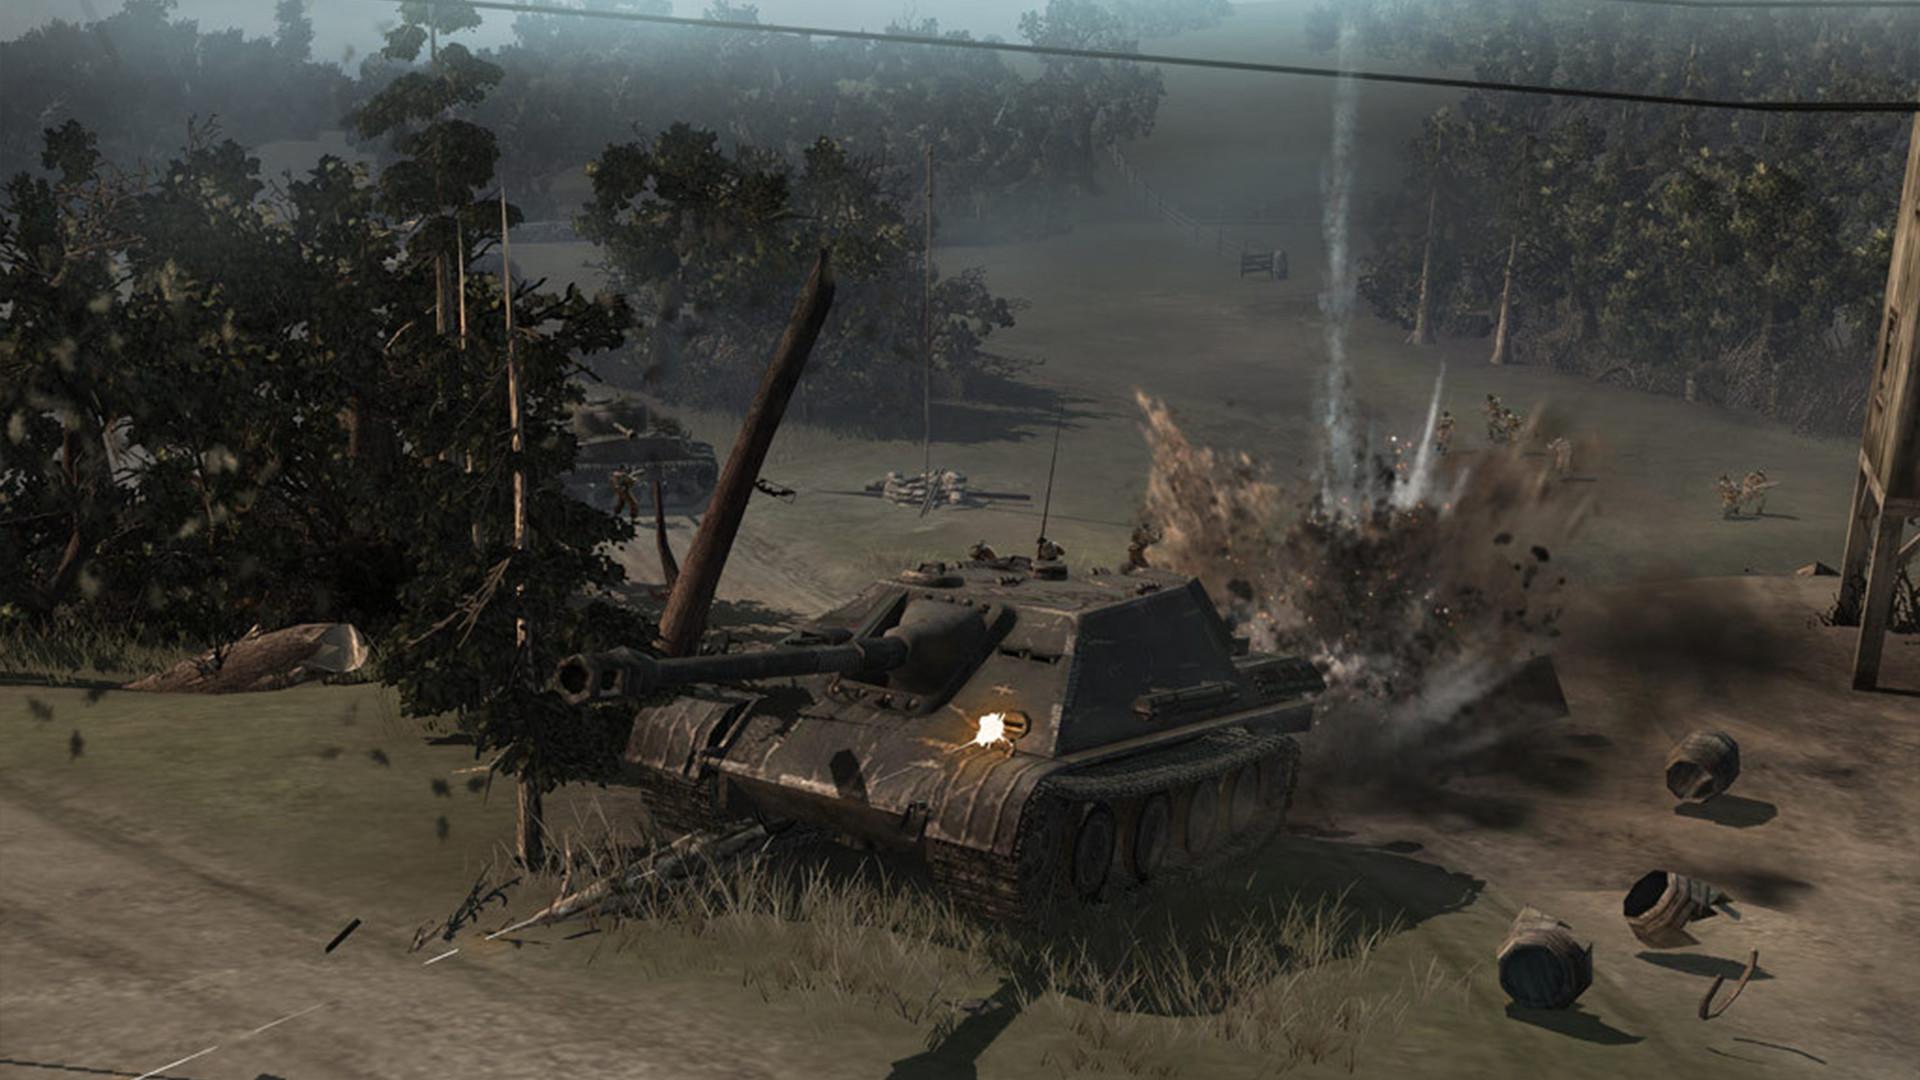 com.steam.9340-screenshot